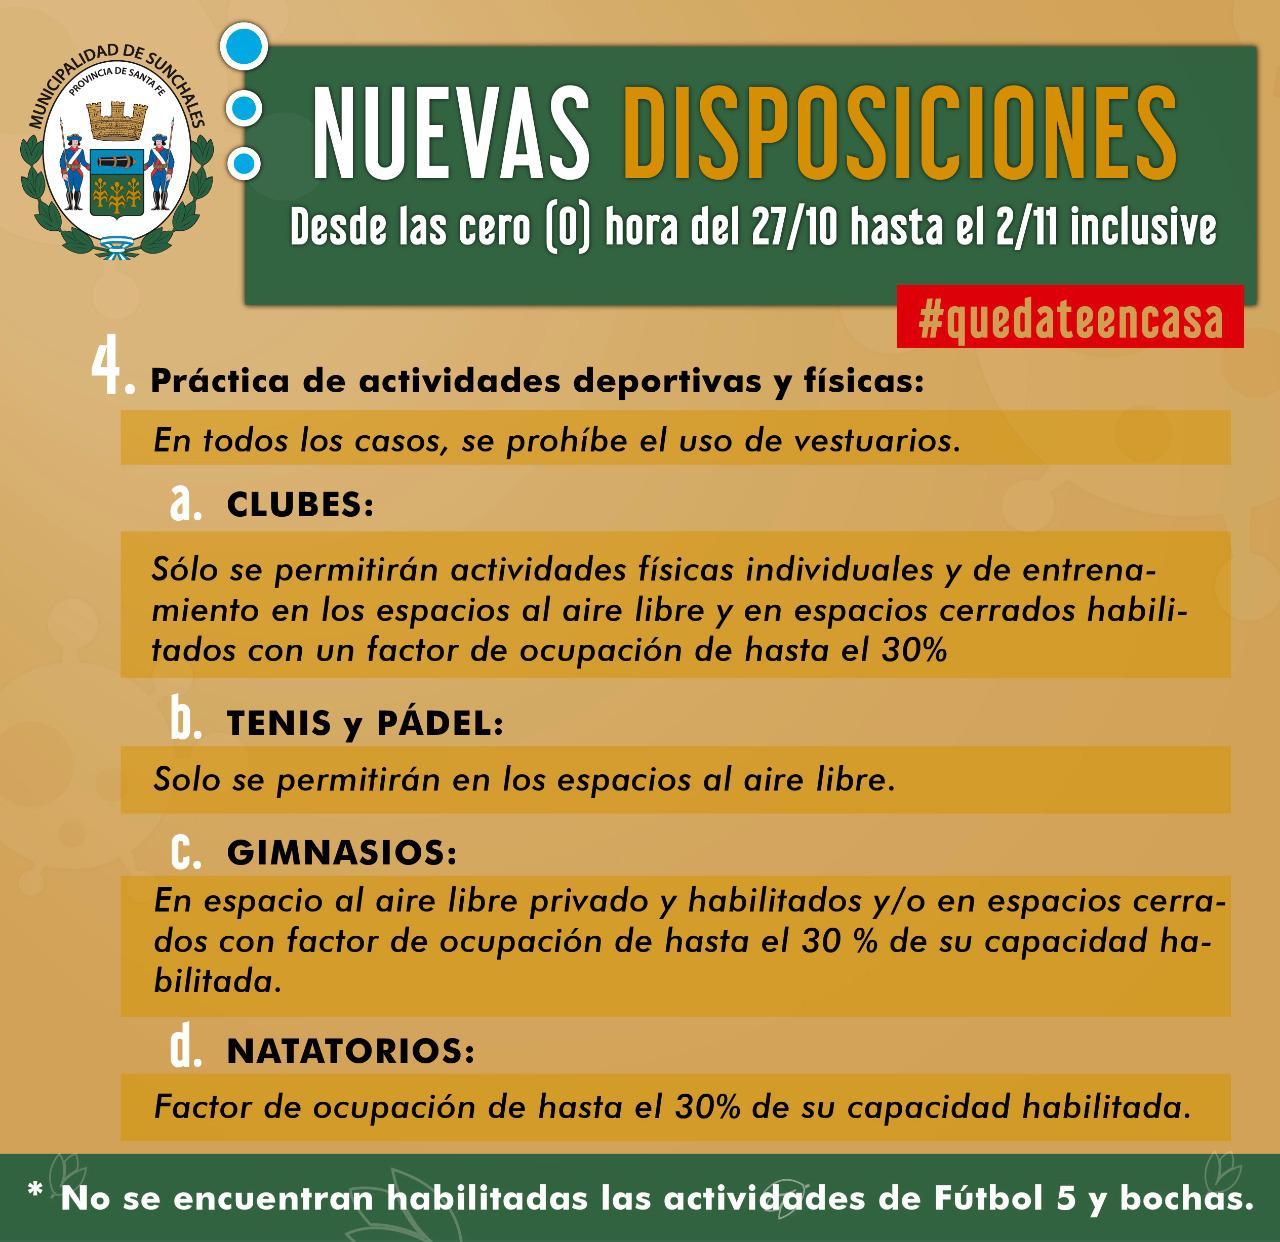 Nuevas disposiciones 27-10-20 2